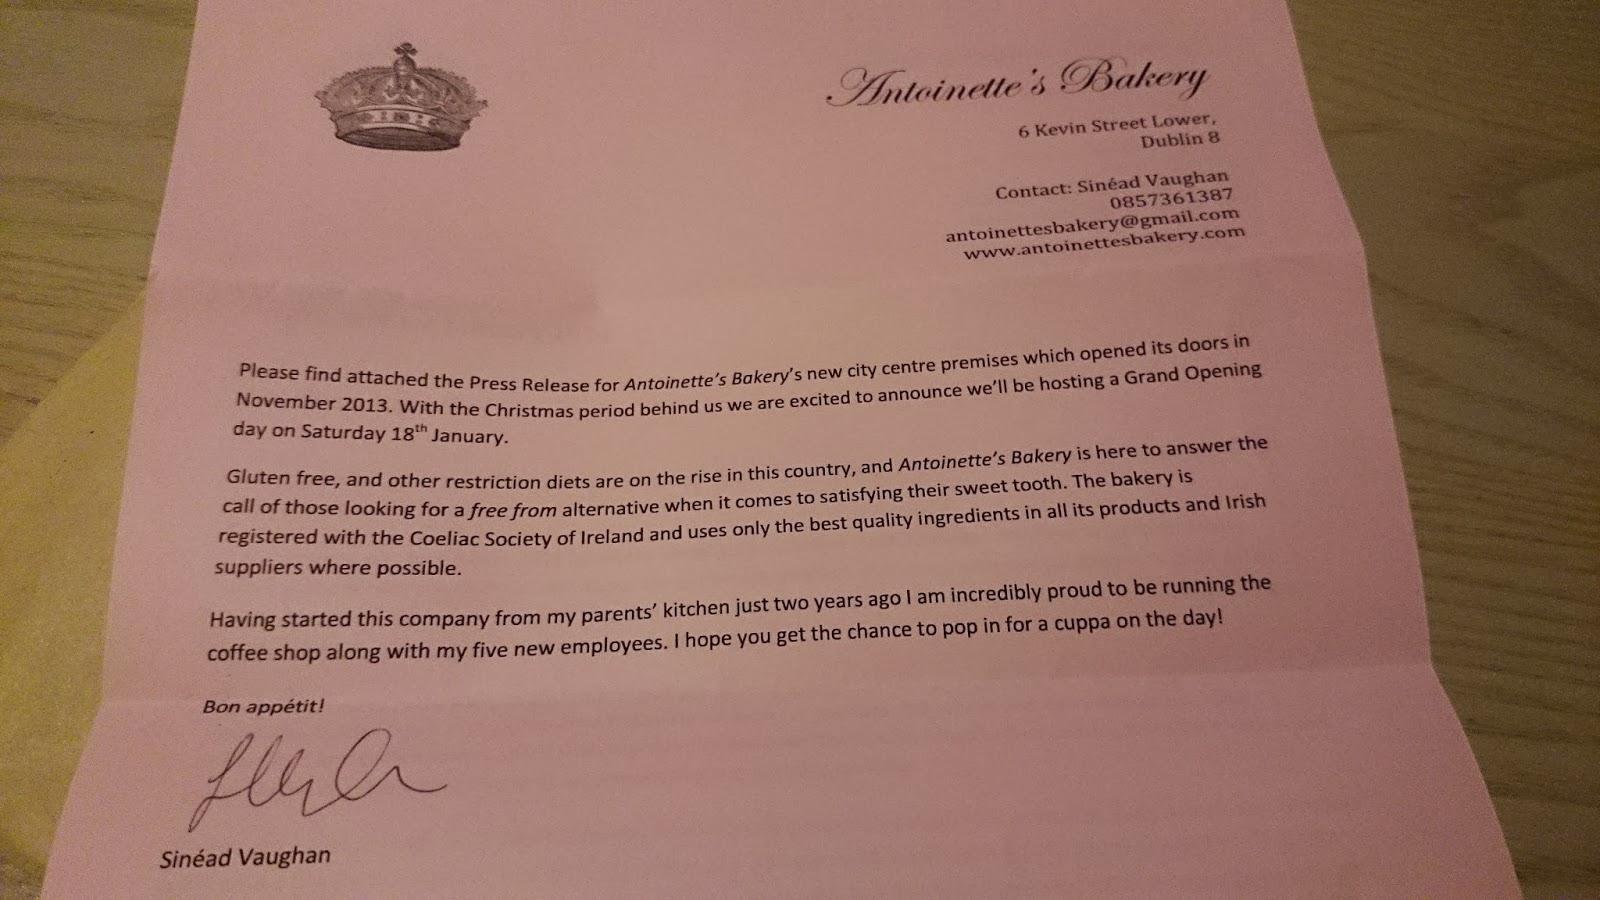 Dublin Gluten Free Press Release For Antoinettes Bakery